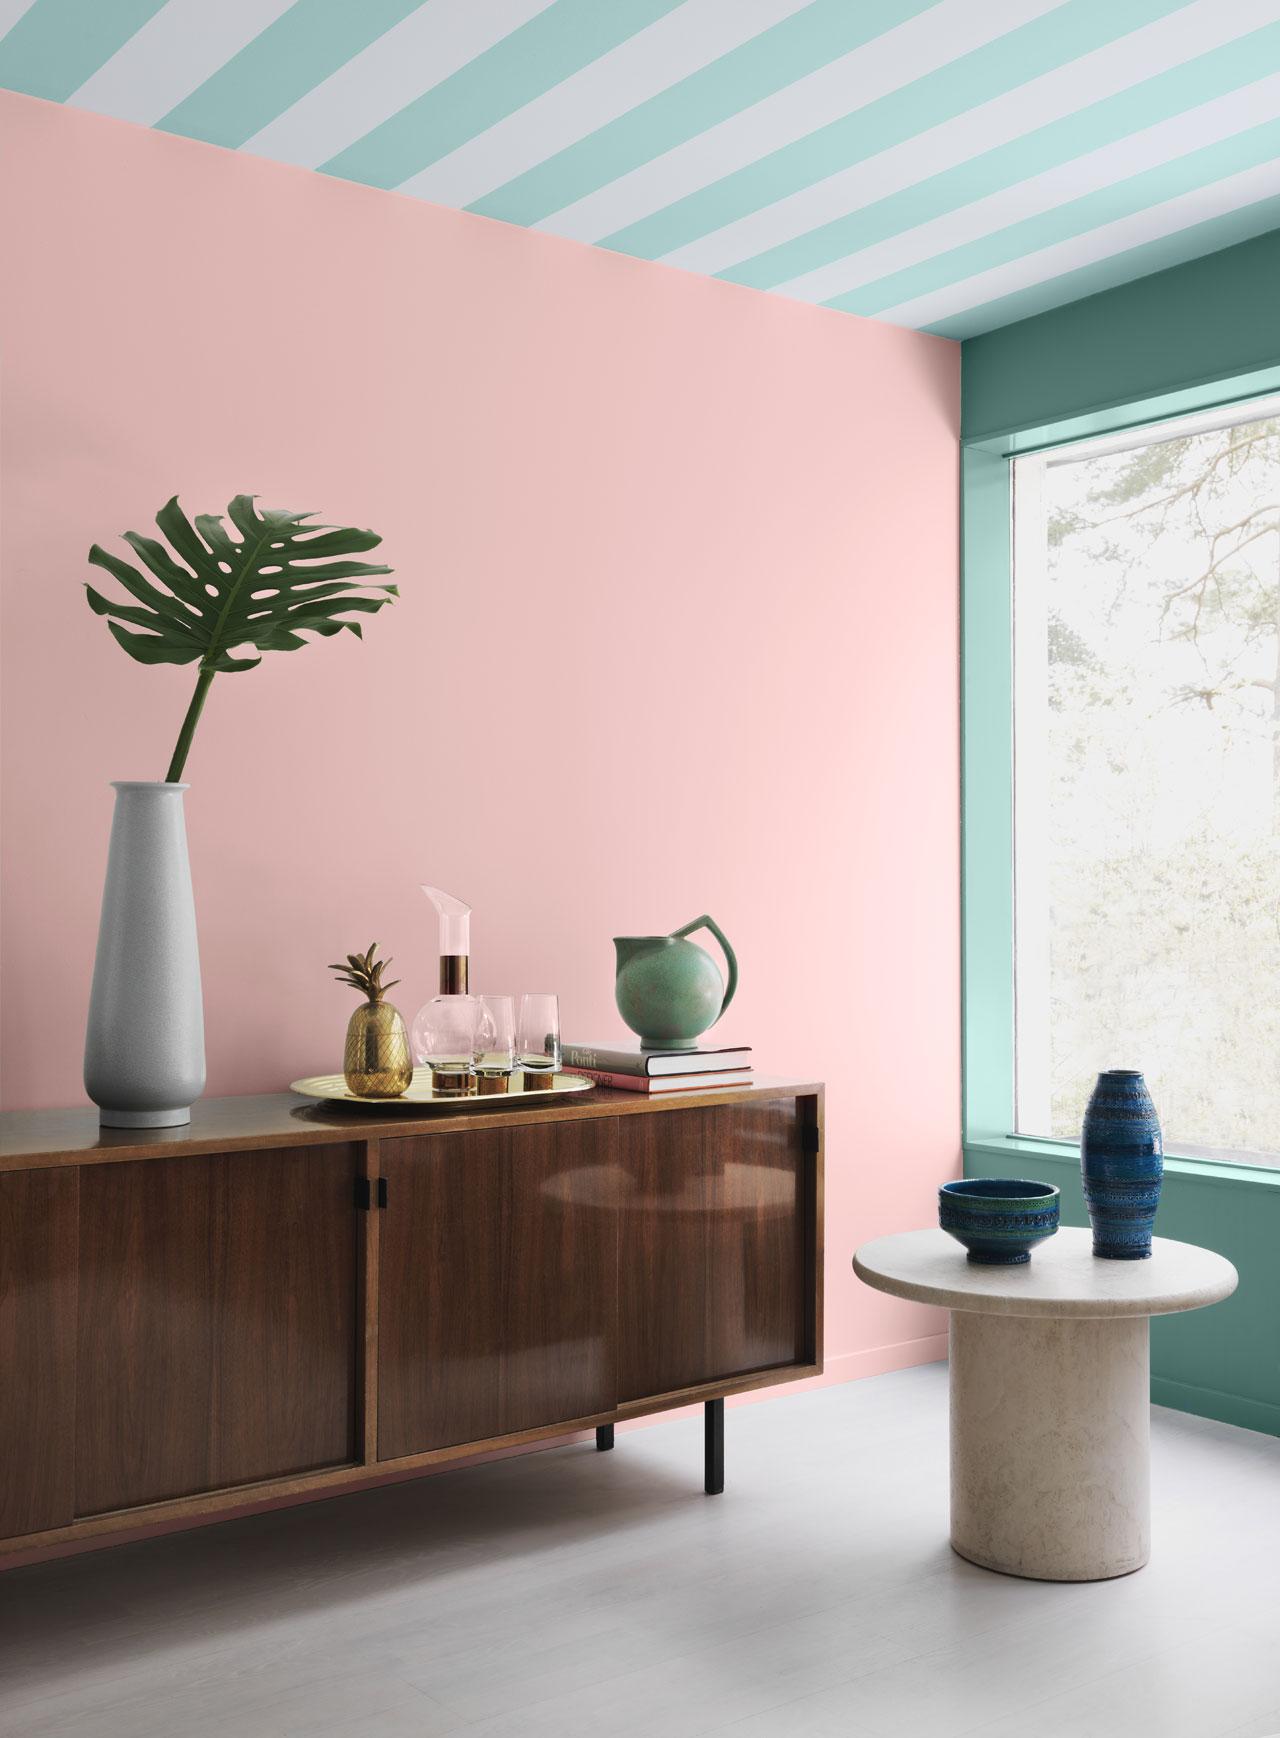 Miami Déco color paint seriesby Alcro.